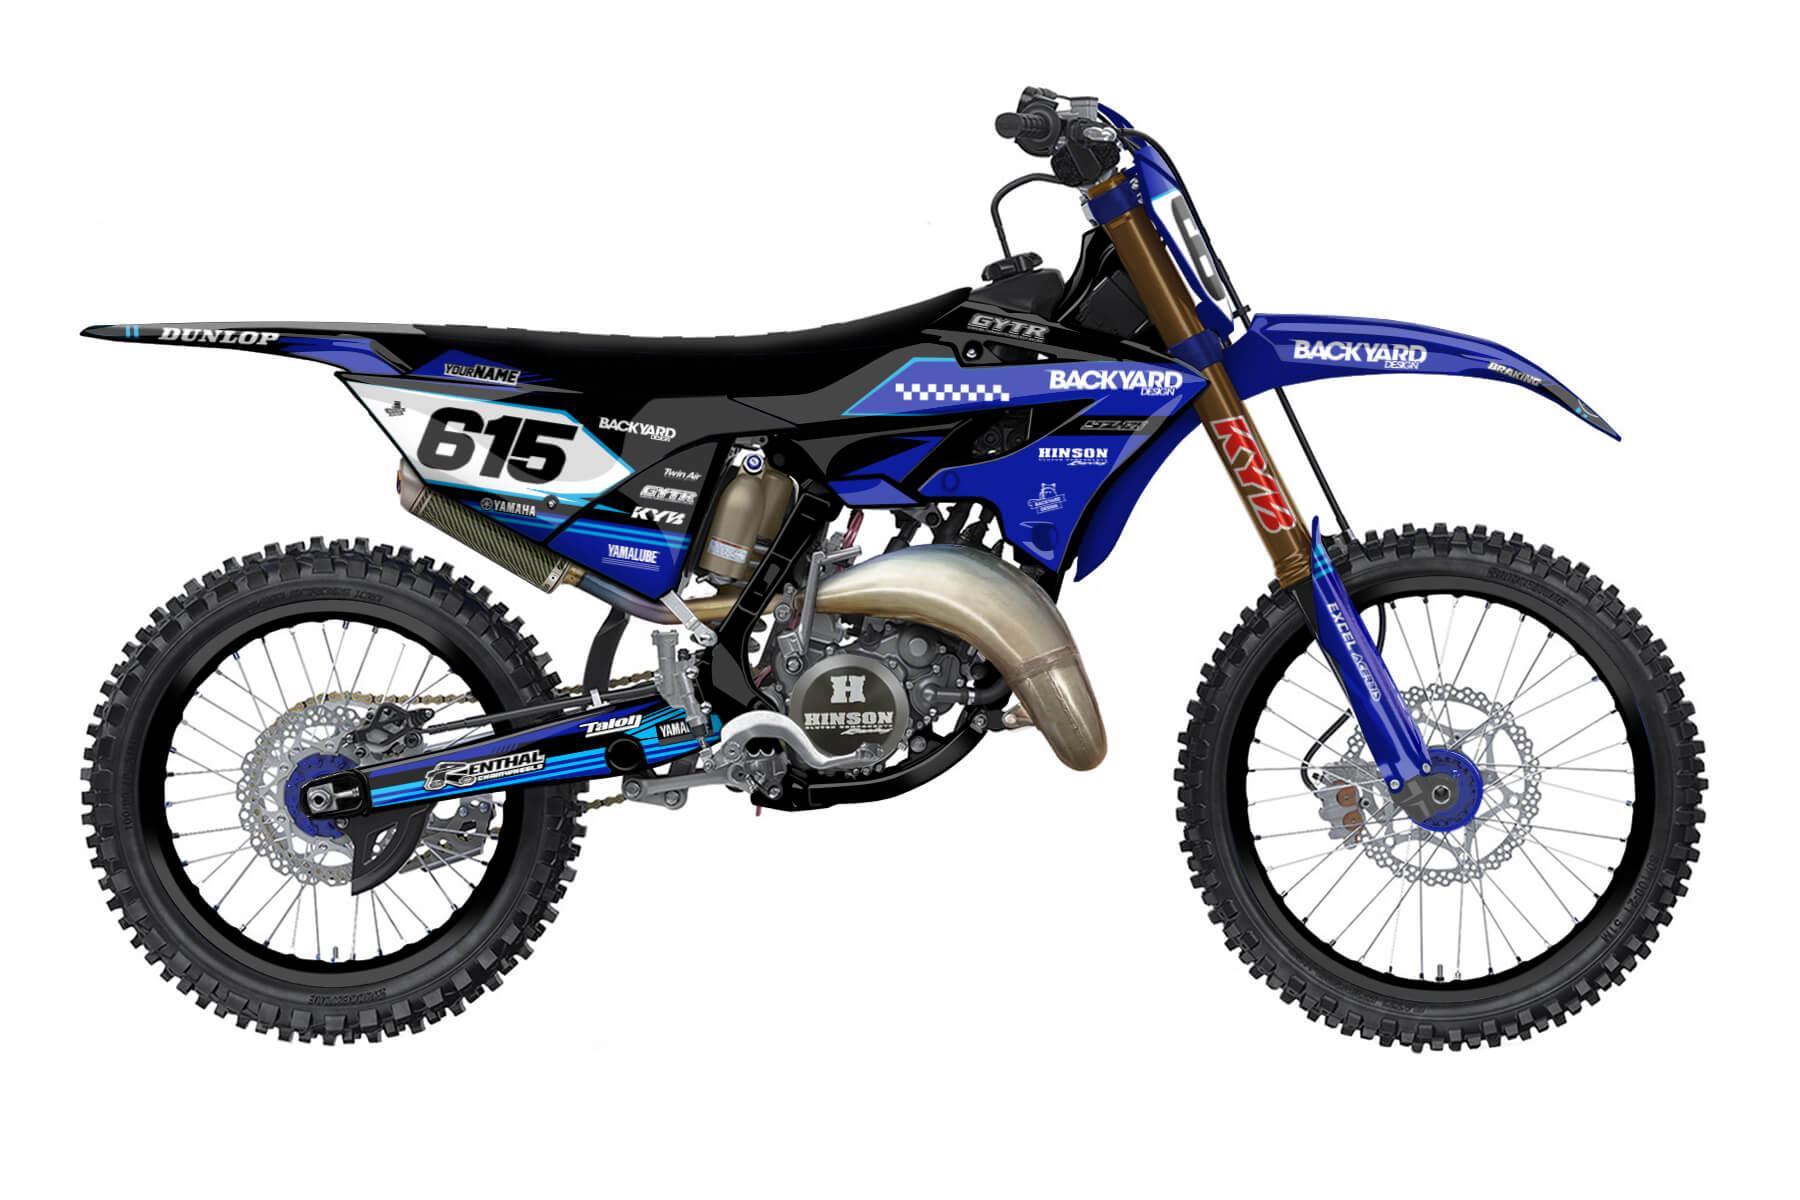 Yamaha YZ 250 - 2022 - Backyard Design - Mx Dekor - Metric Pro